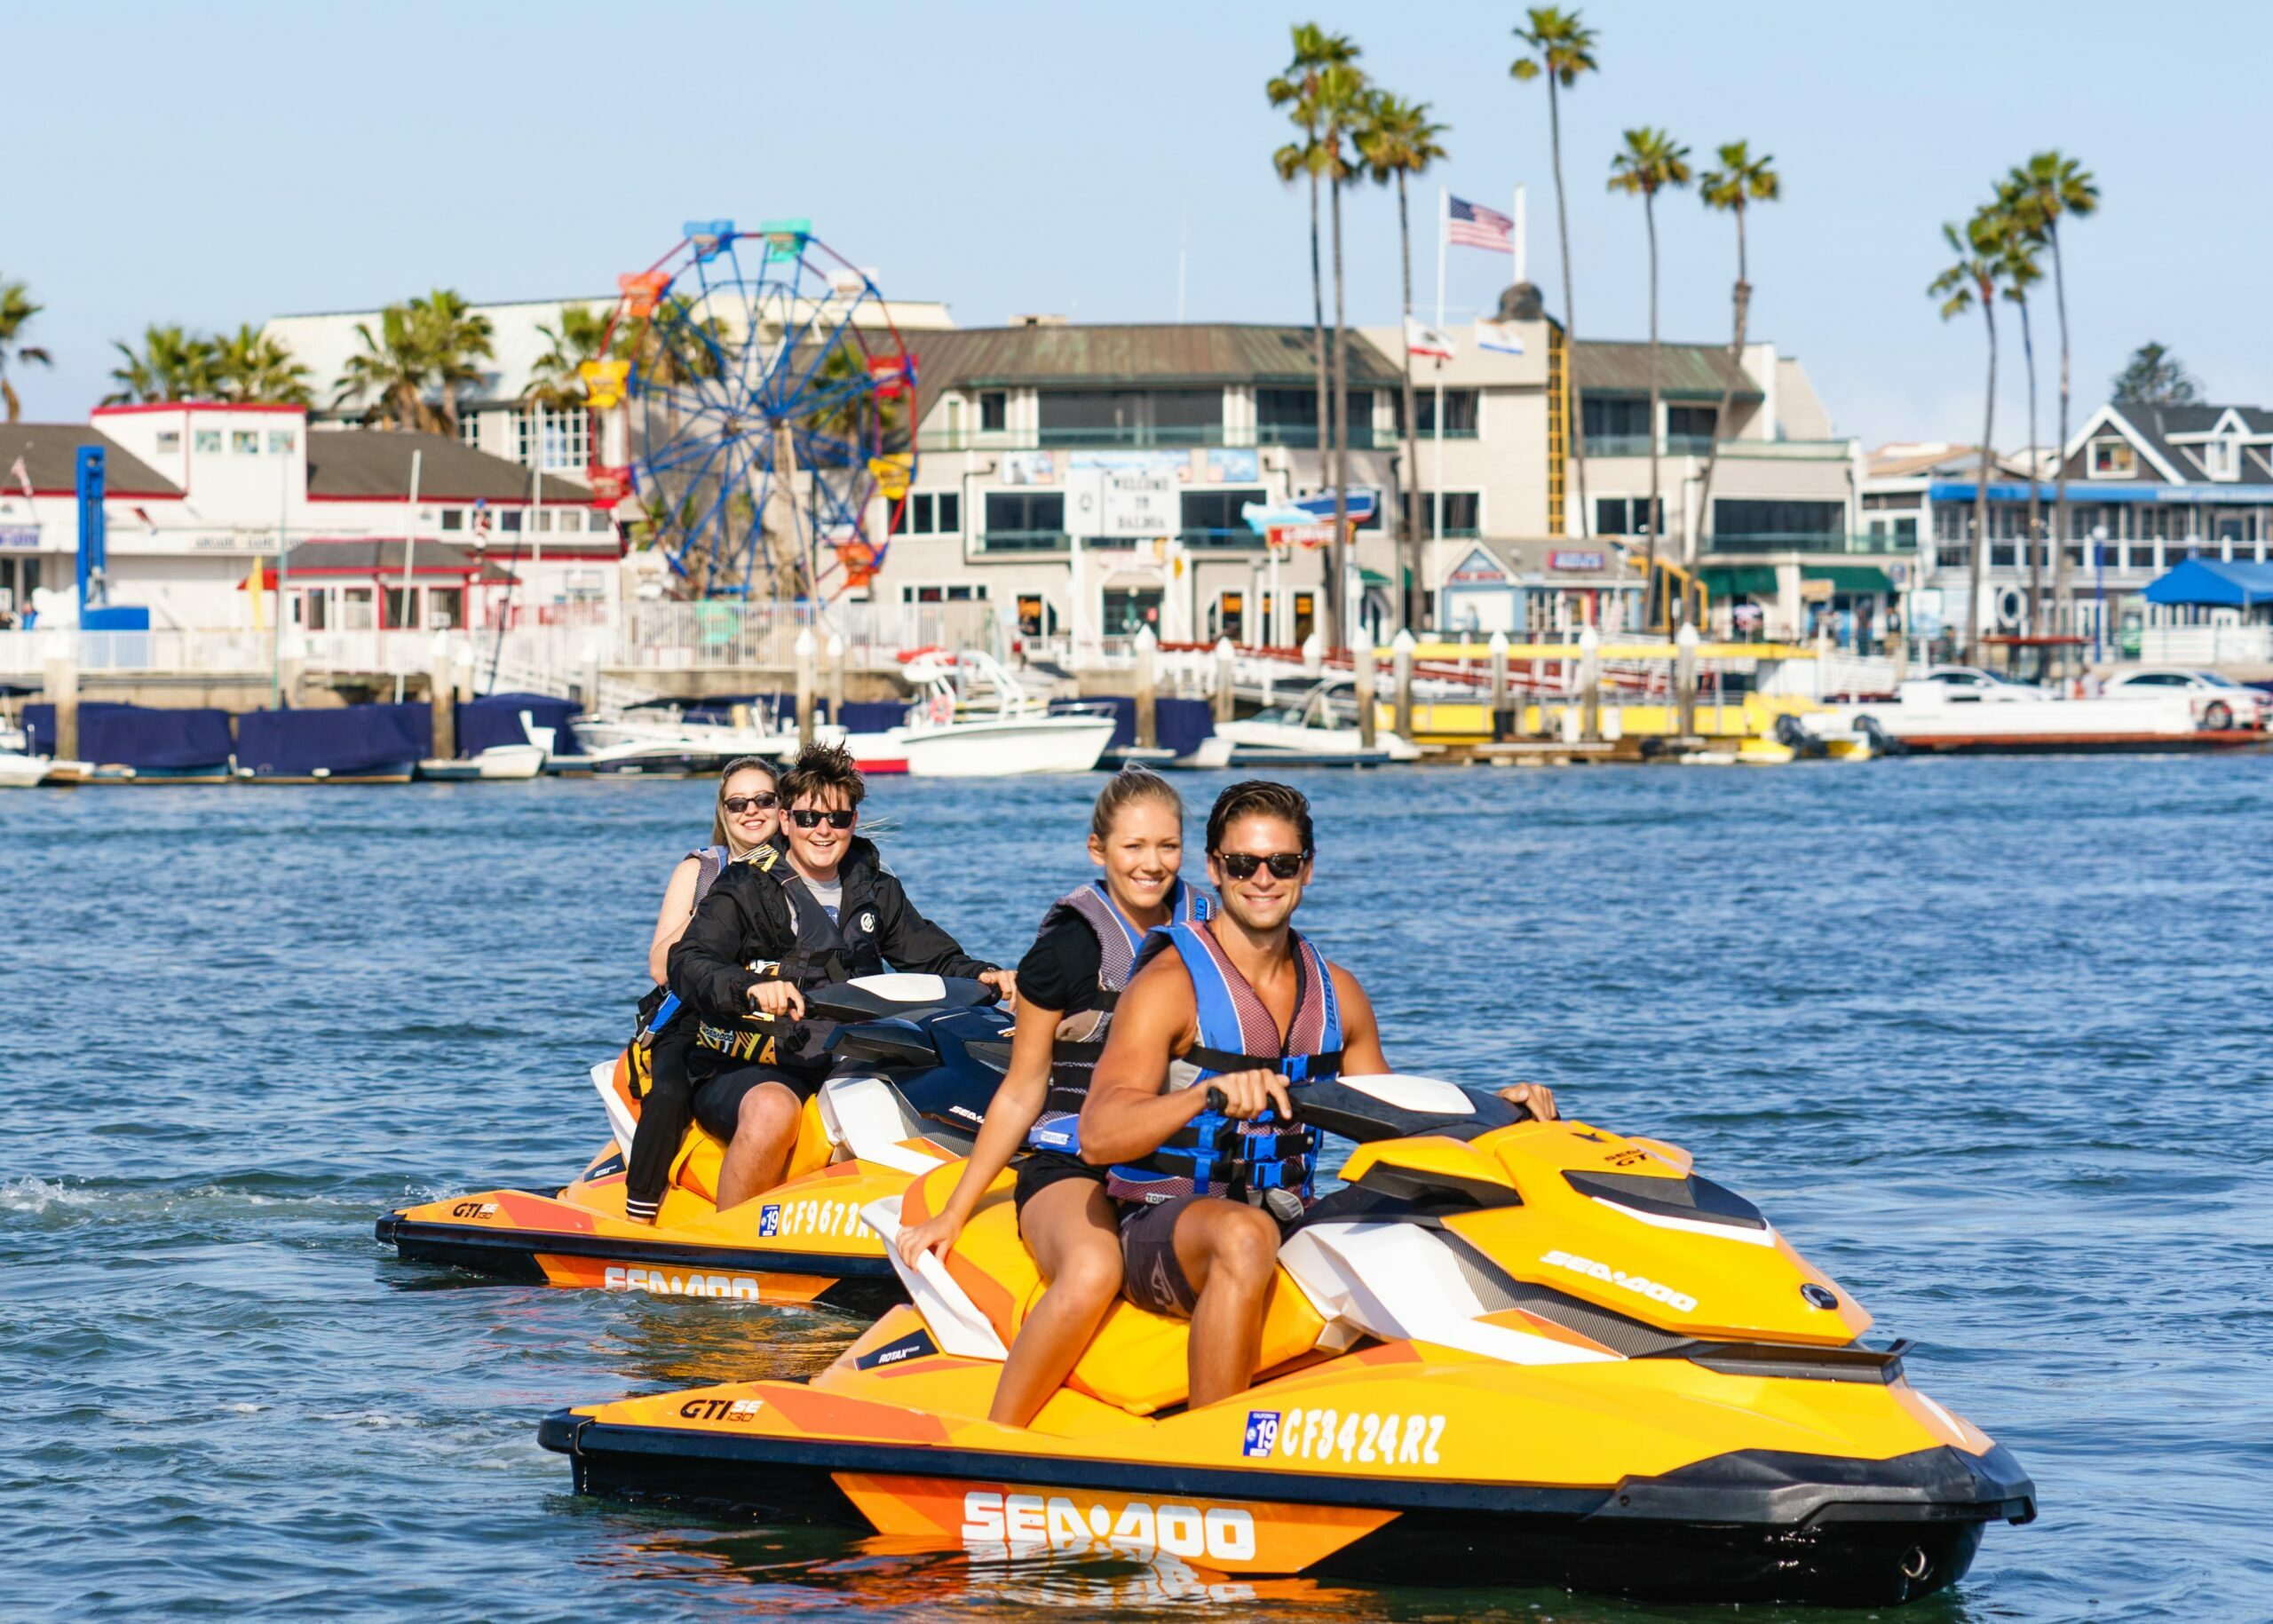 Sea Doo Rentals in Newport Beach Harbor.